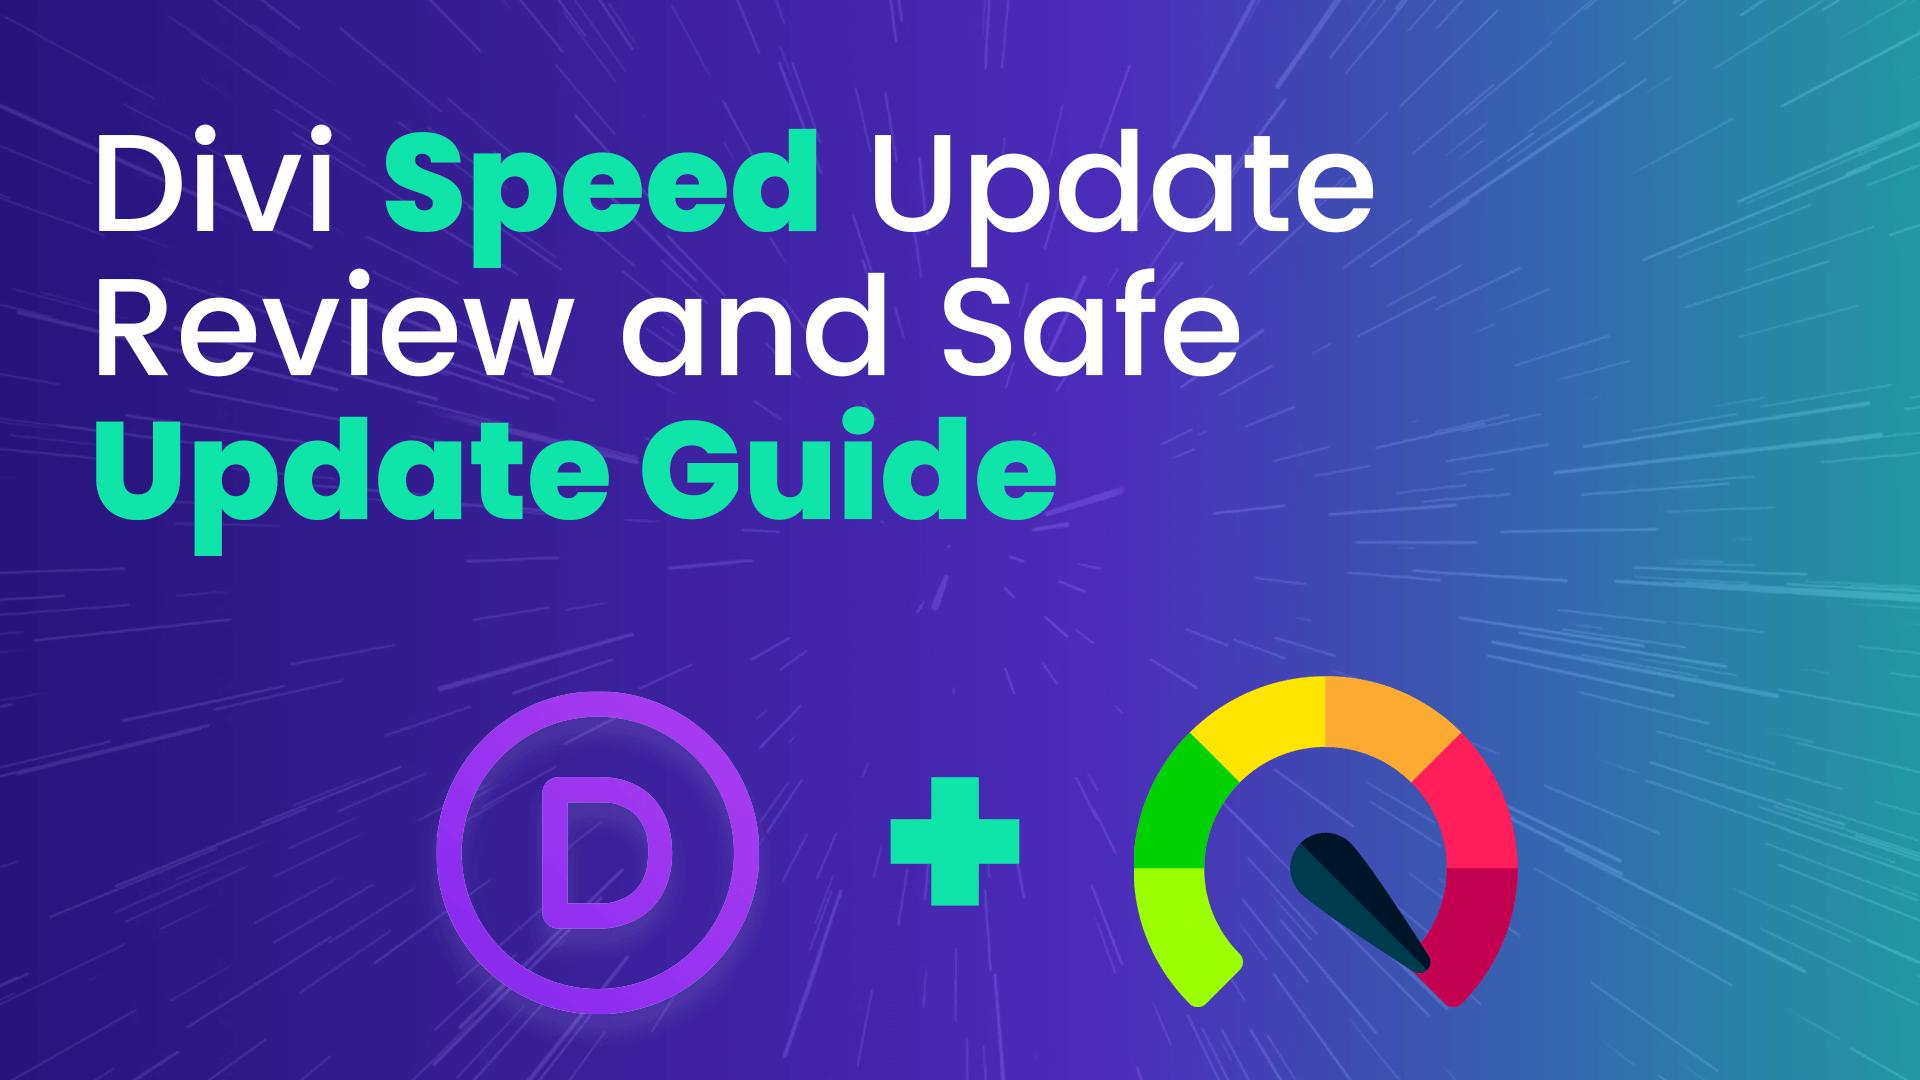 Divi Speed Update Guide